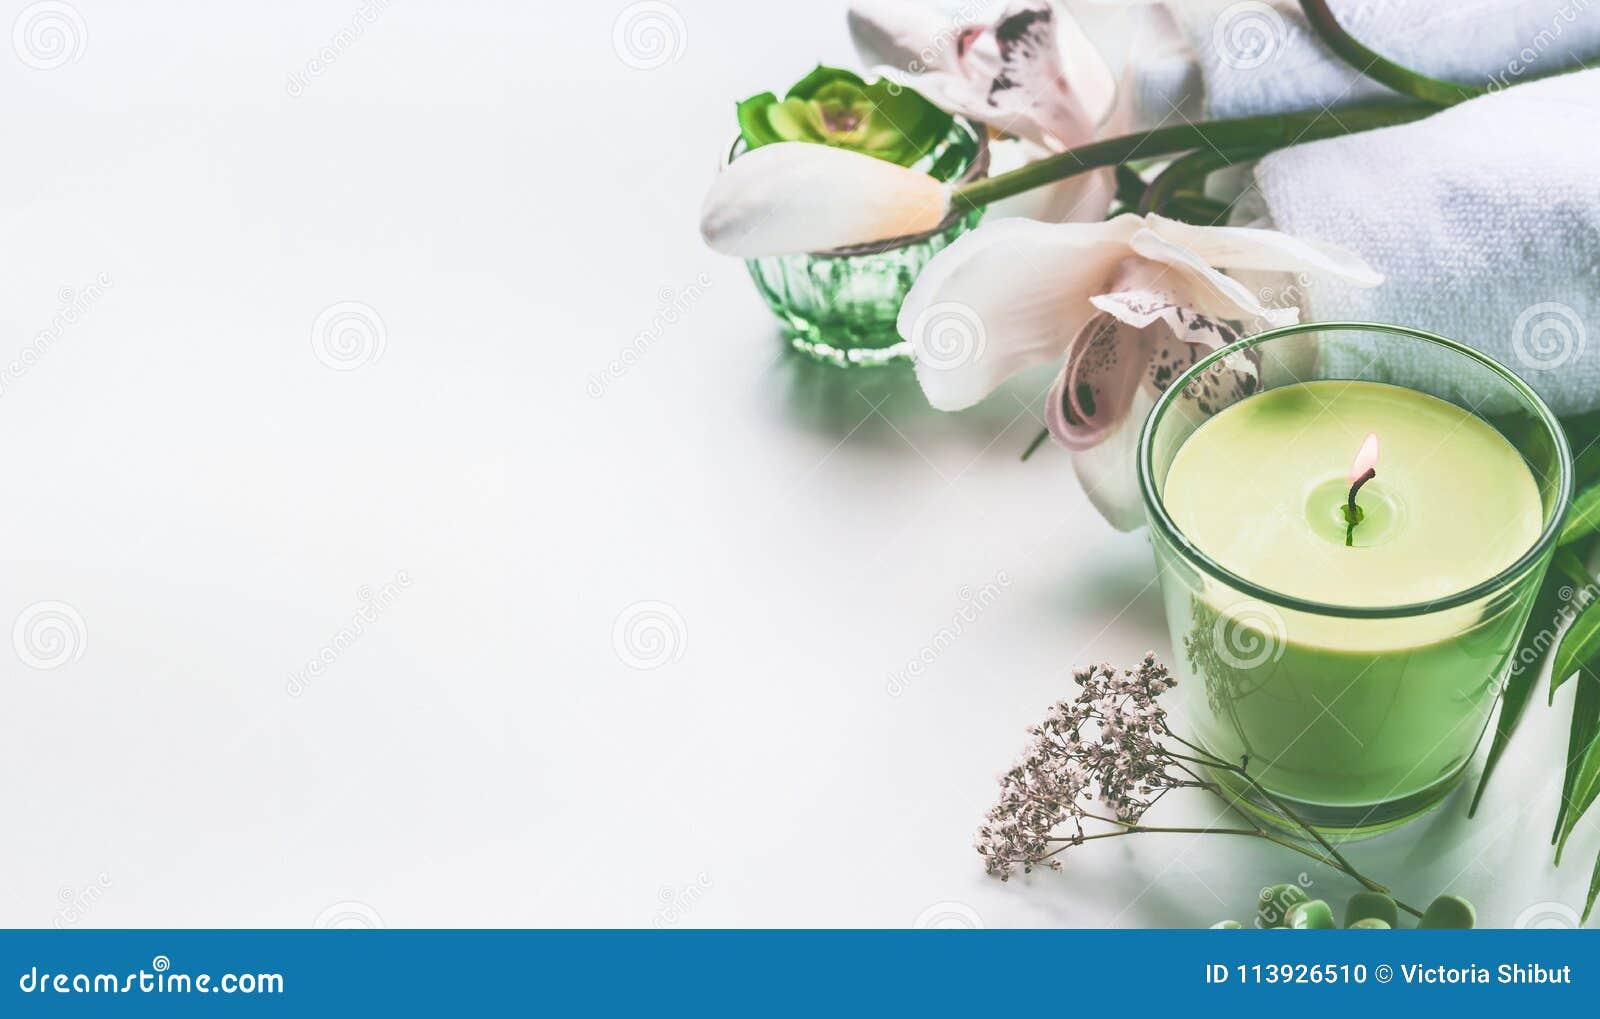 Grüner Badekurort- oder Wellnesshintergrund mit Tüchern, Kerze, Orchideenblumen und Zubehör